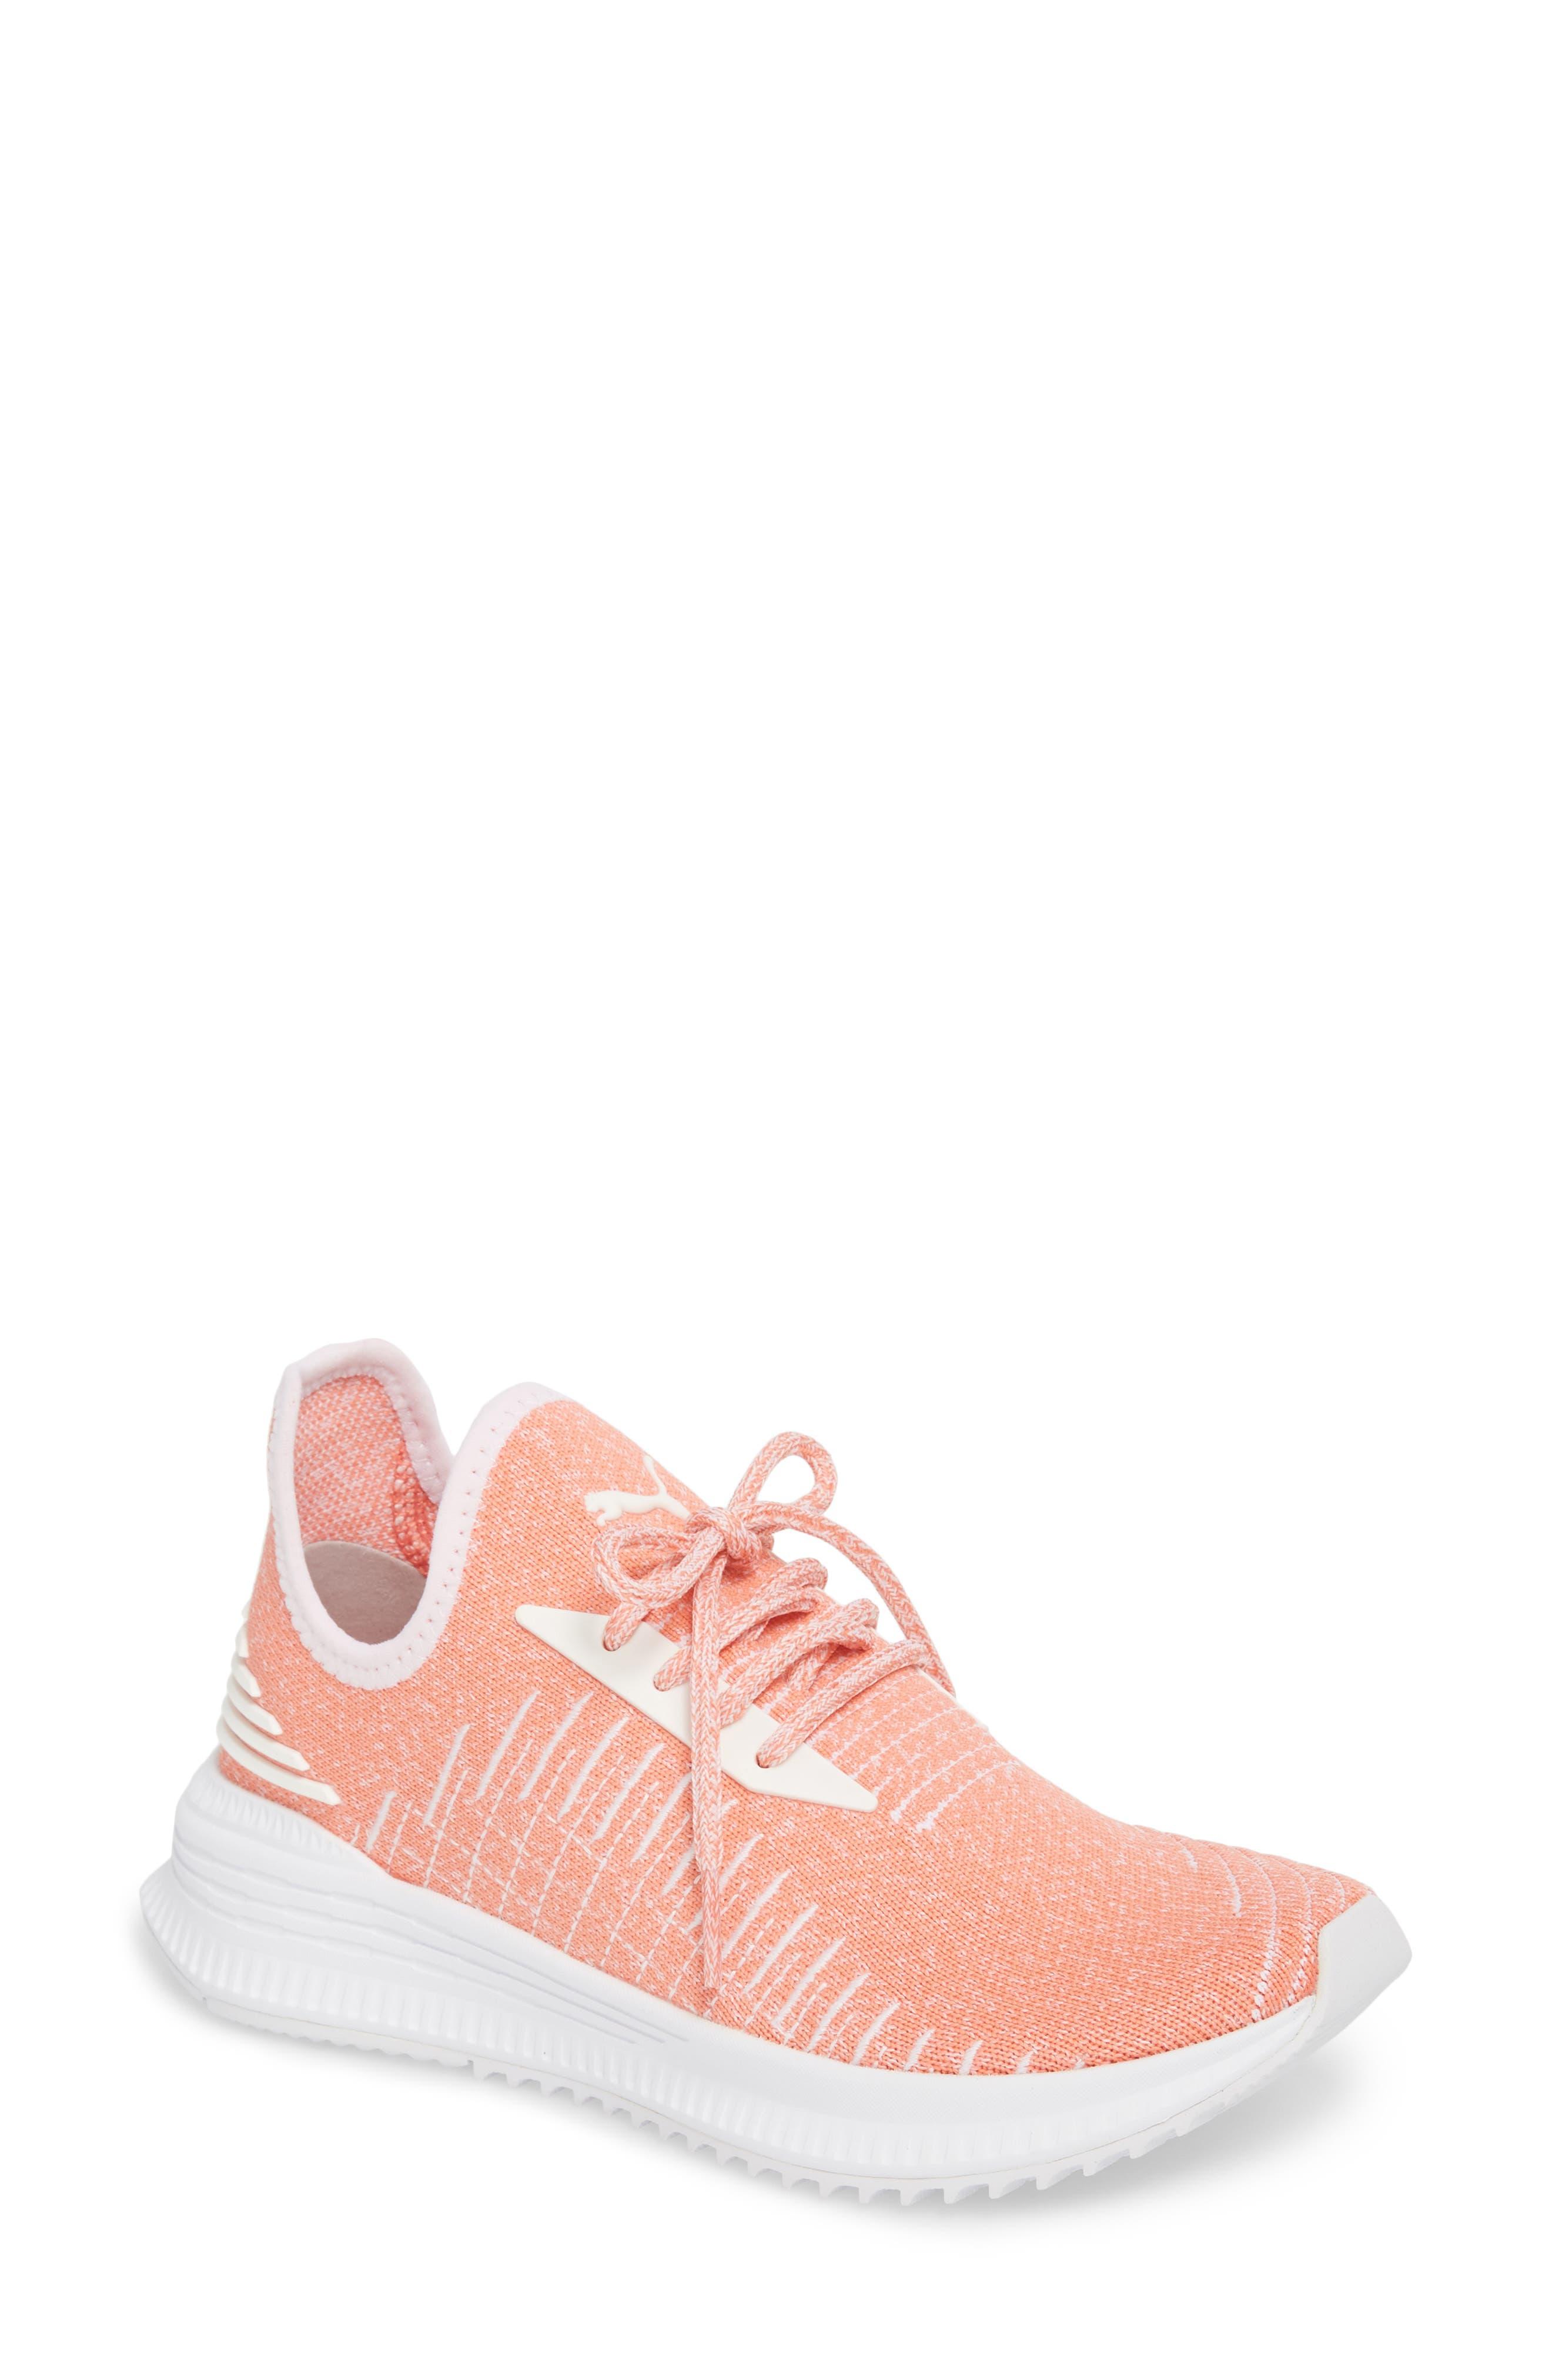 PUMA AVID evoKNIT Sneaker (Women)